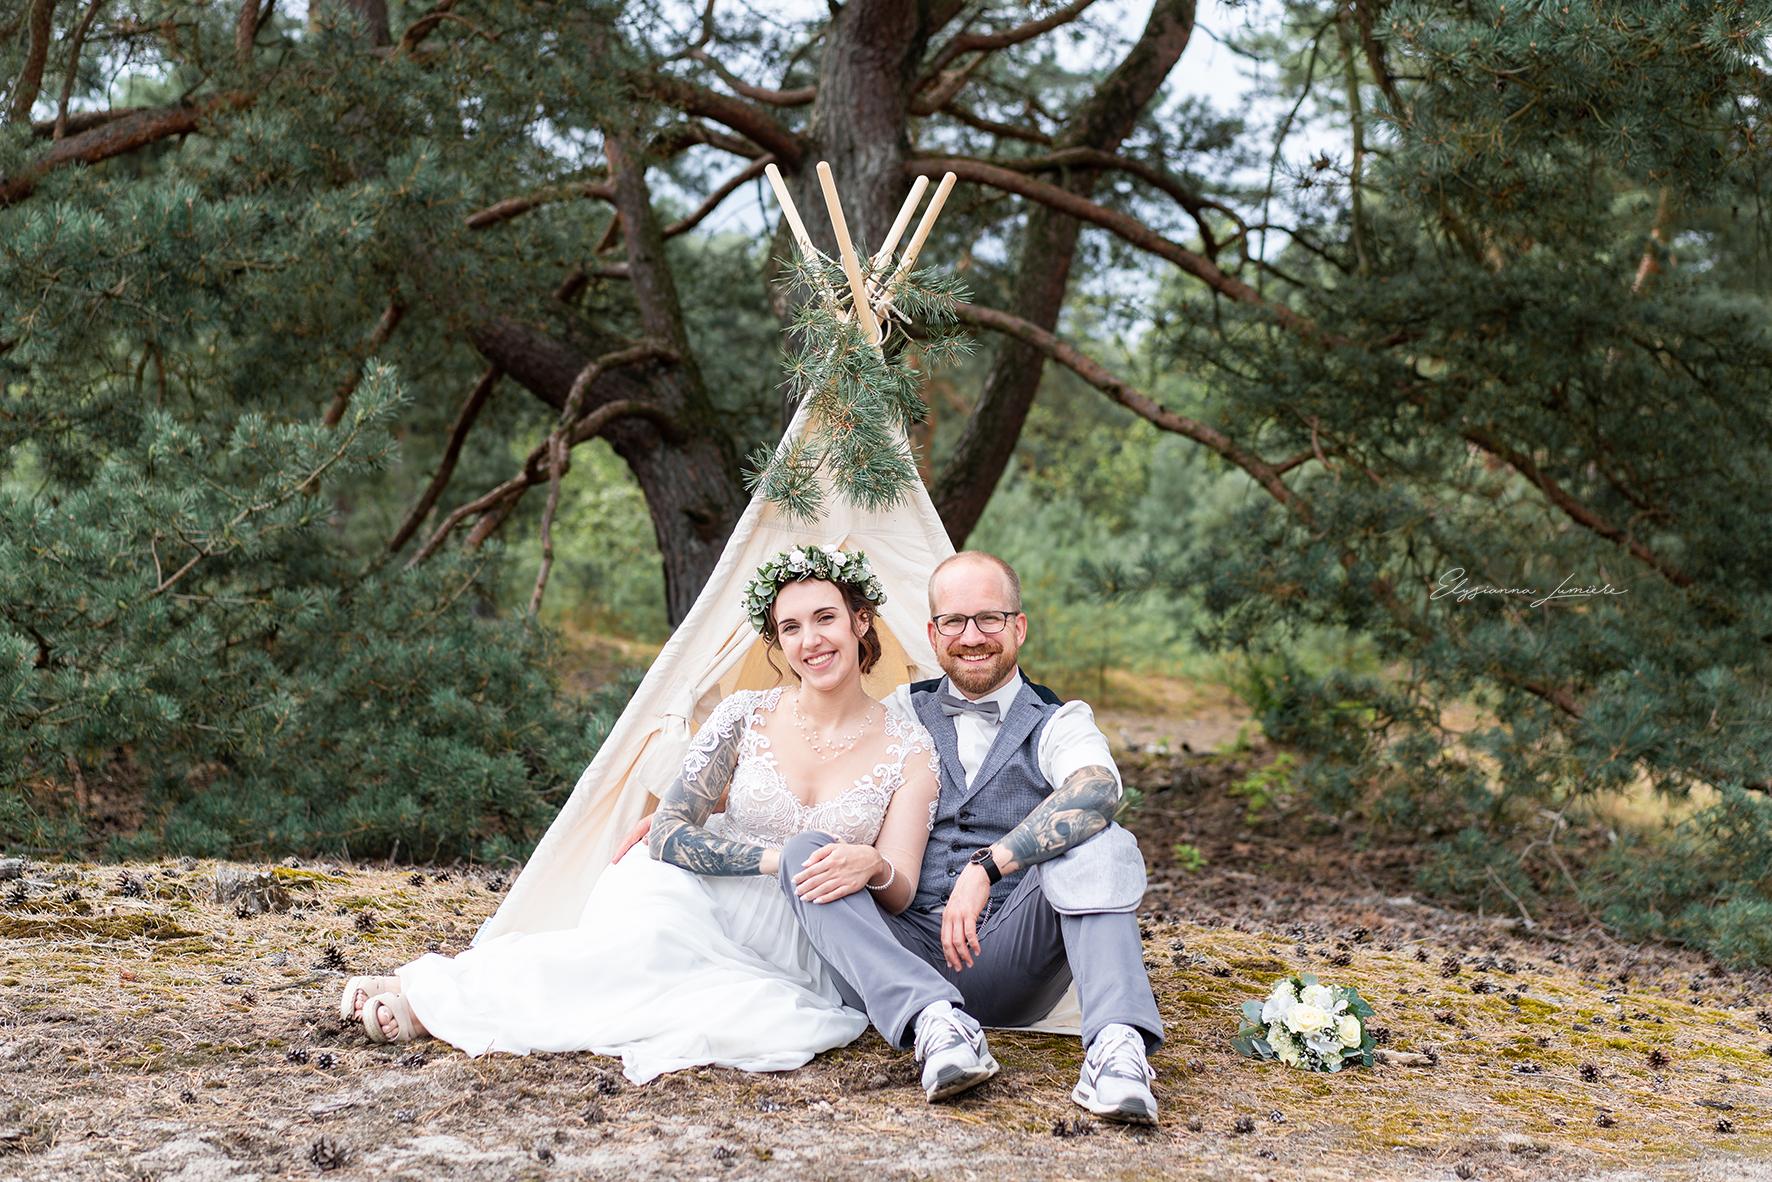 Hochzeitsfotografie Bremen Bohoshooting mit Tipi